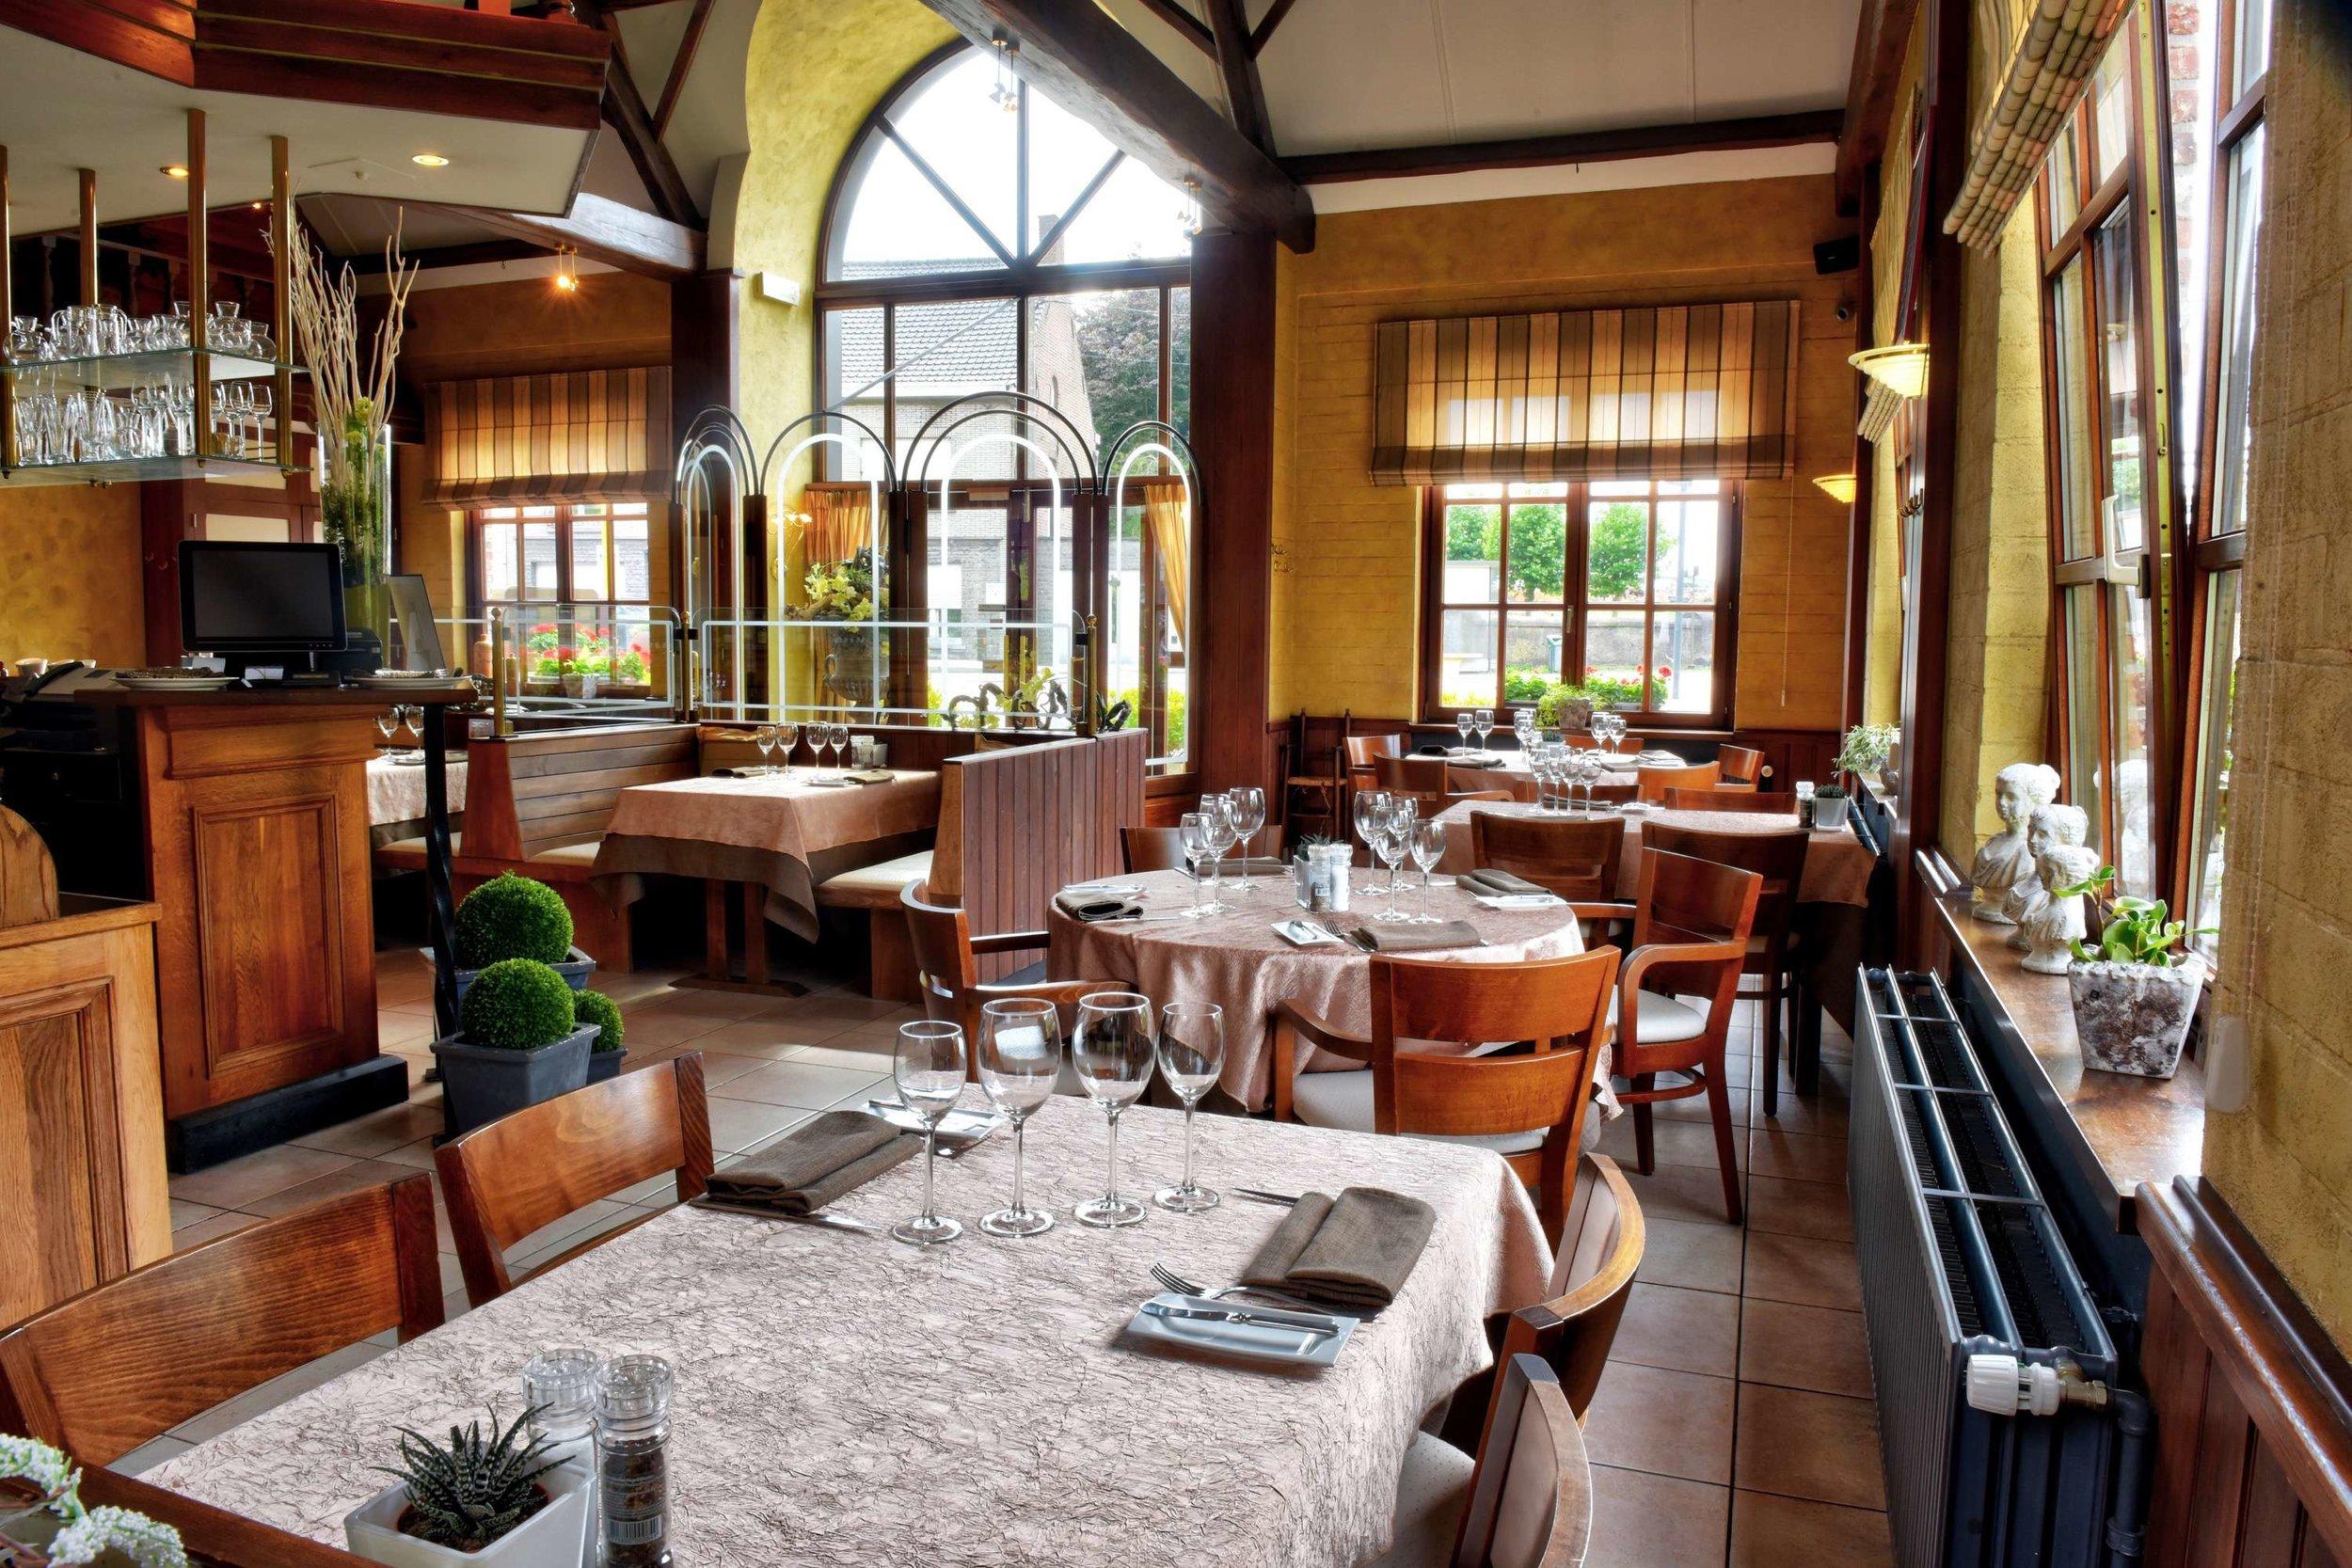 terras feestzaal au beau jardin rekkem restaurant feestzaal brasserie rekkem menen tablefever bart albrecht 11.jpg